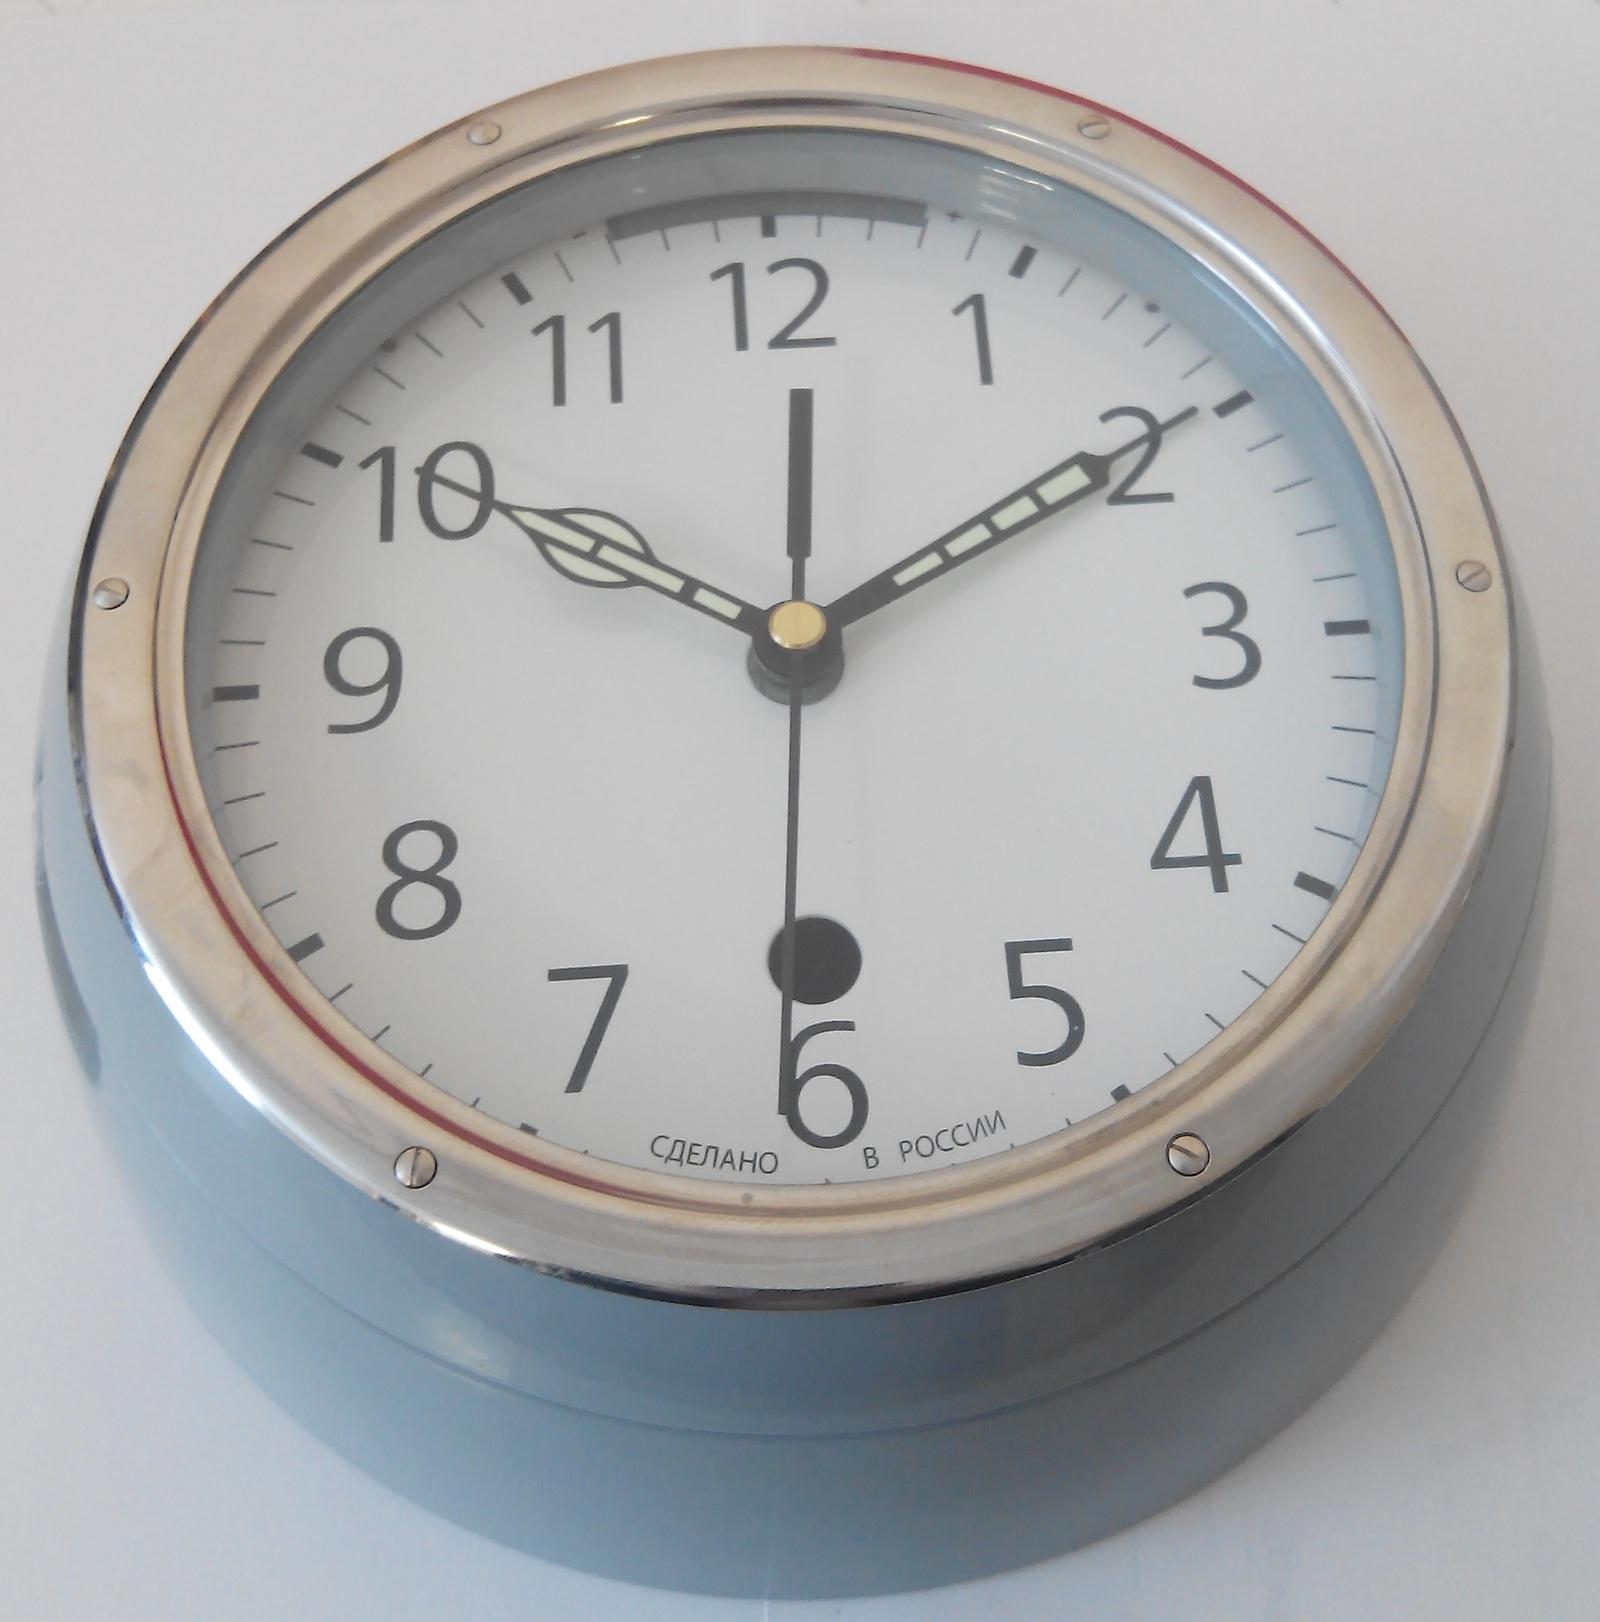 Где и как купить судовые часы купить часы союз премиум